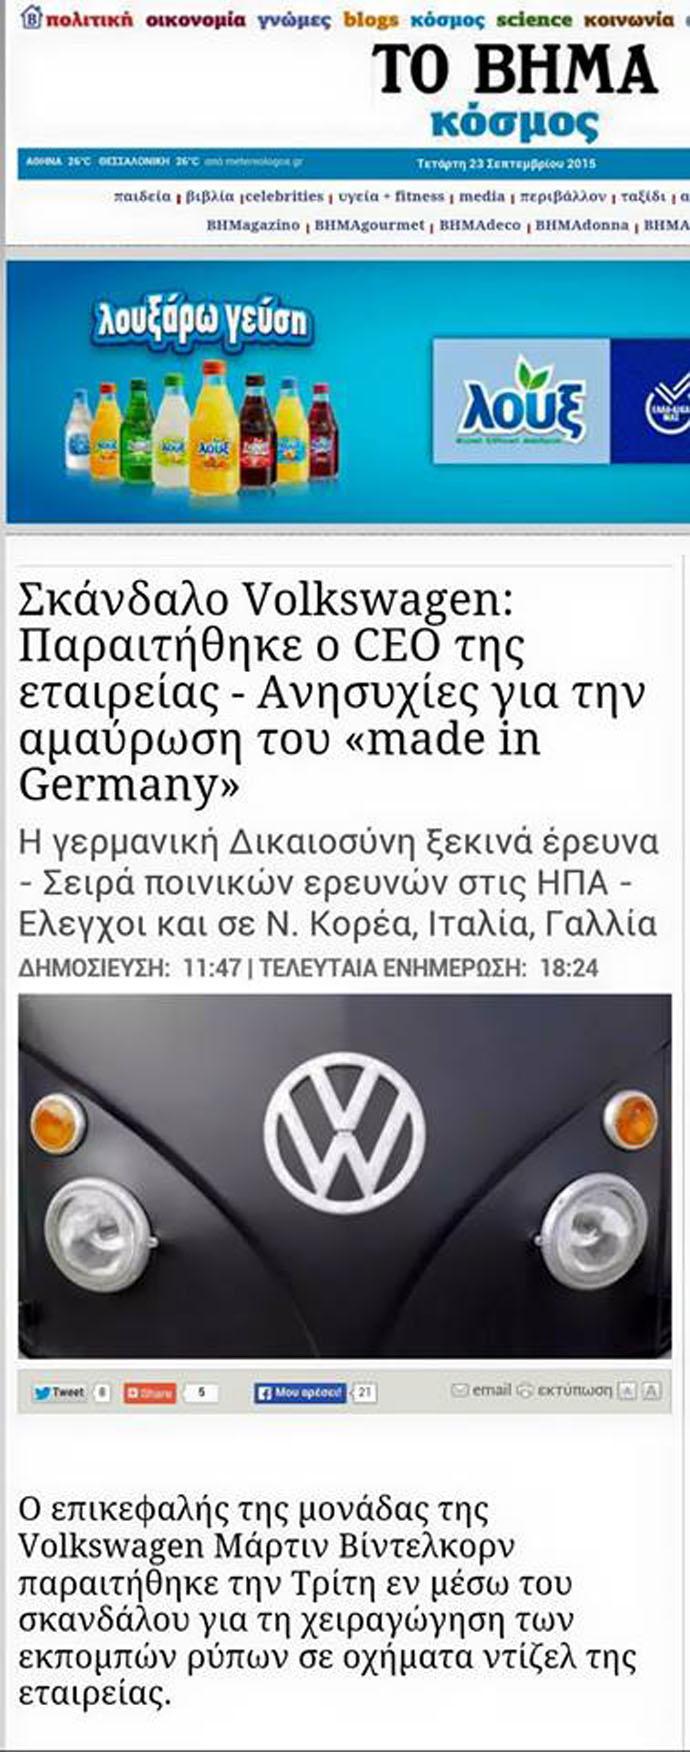 Συζητᾶμε πιά γιά ἕνα ...κακό «made in Germany»;;2